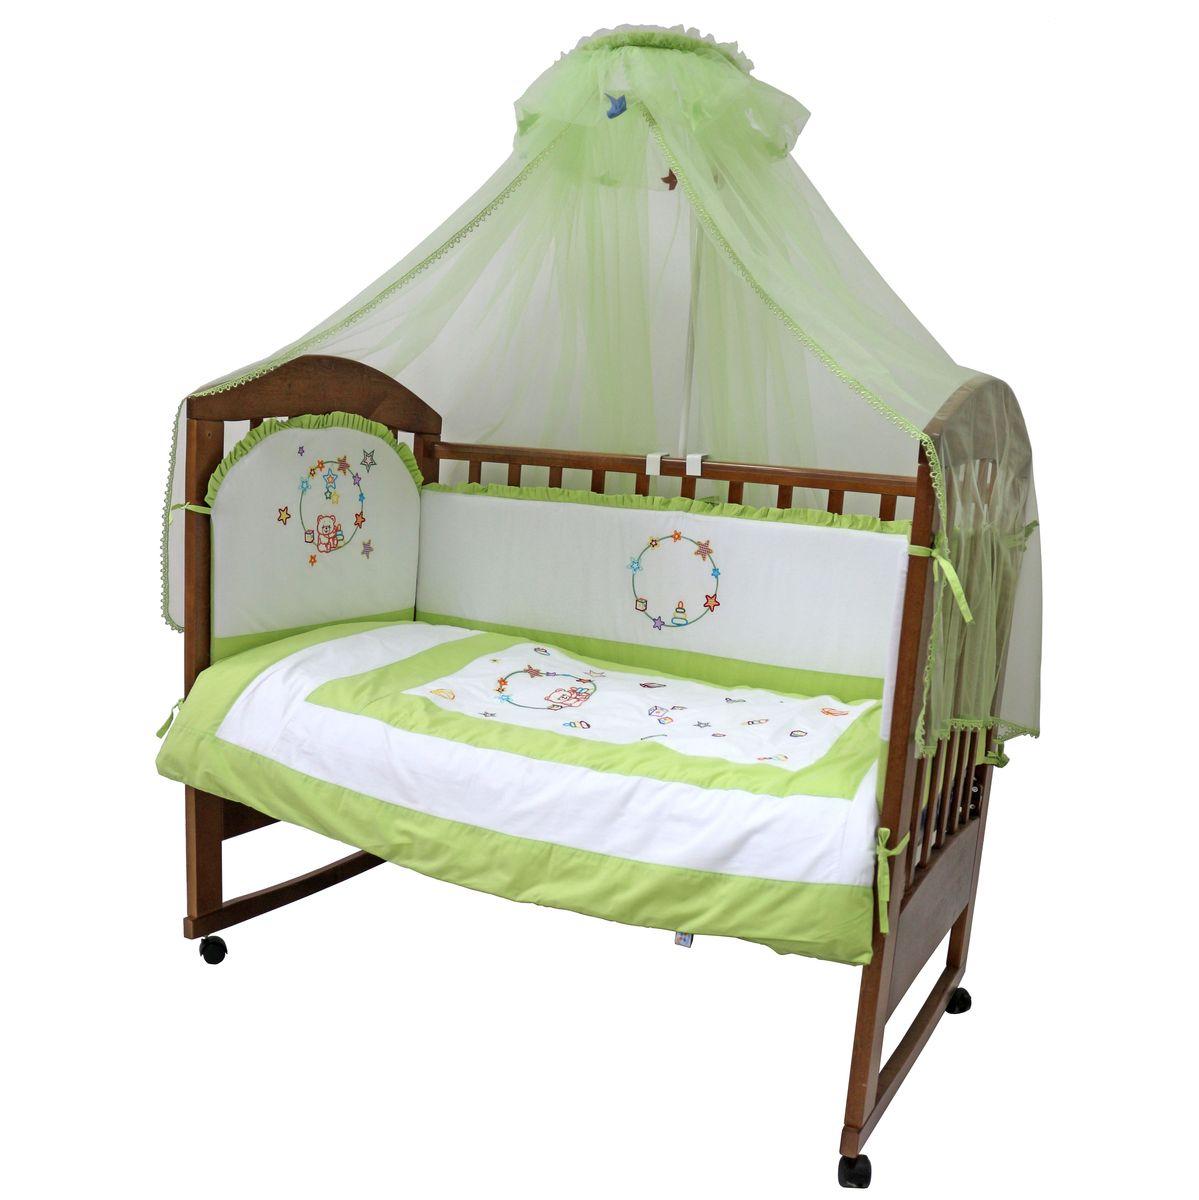 Топотушки Комплект детского постельного белья Карусель цвет зеленый белый 7 предметов